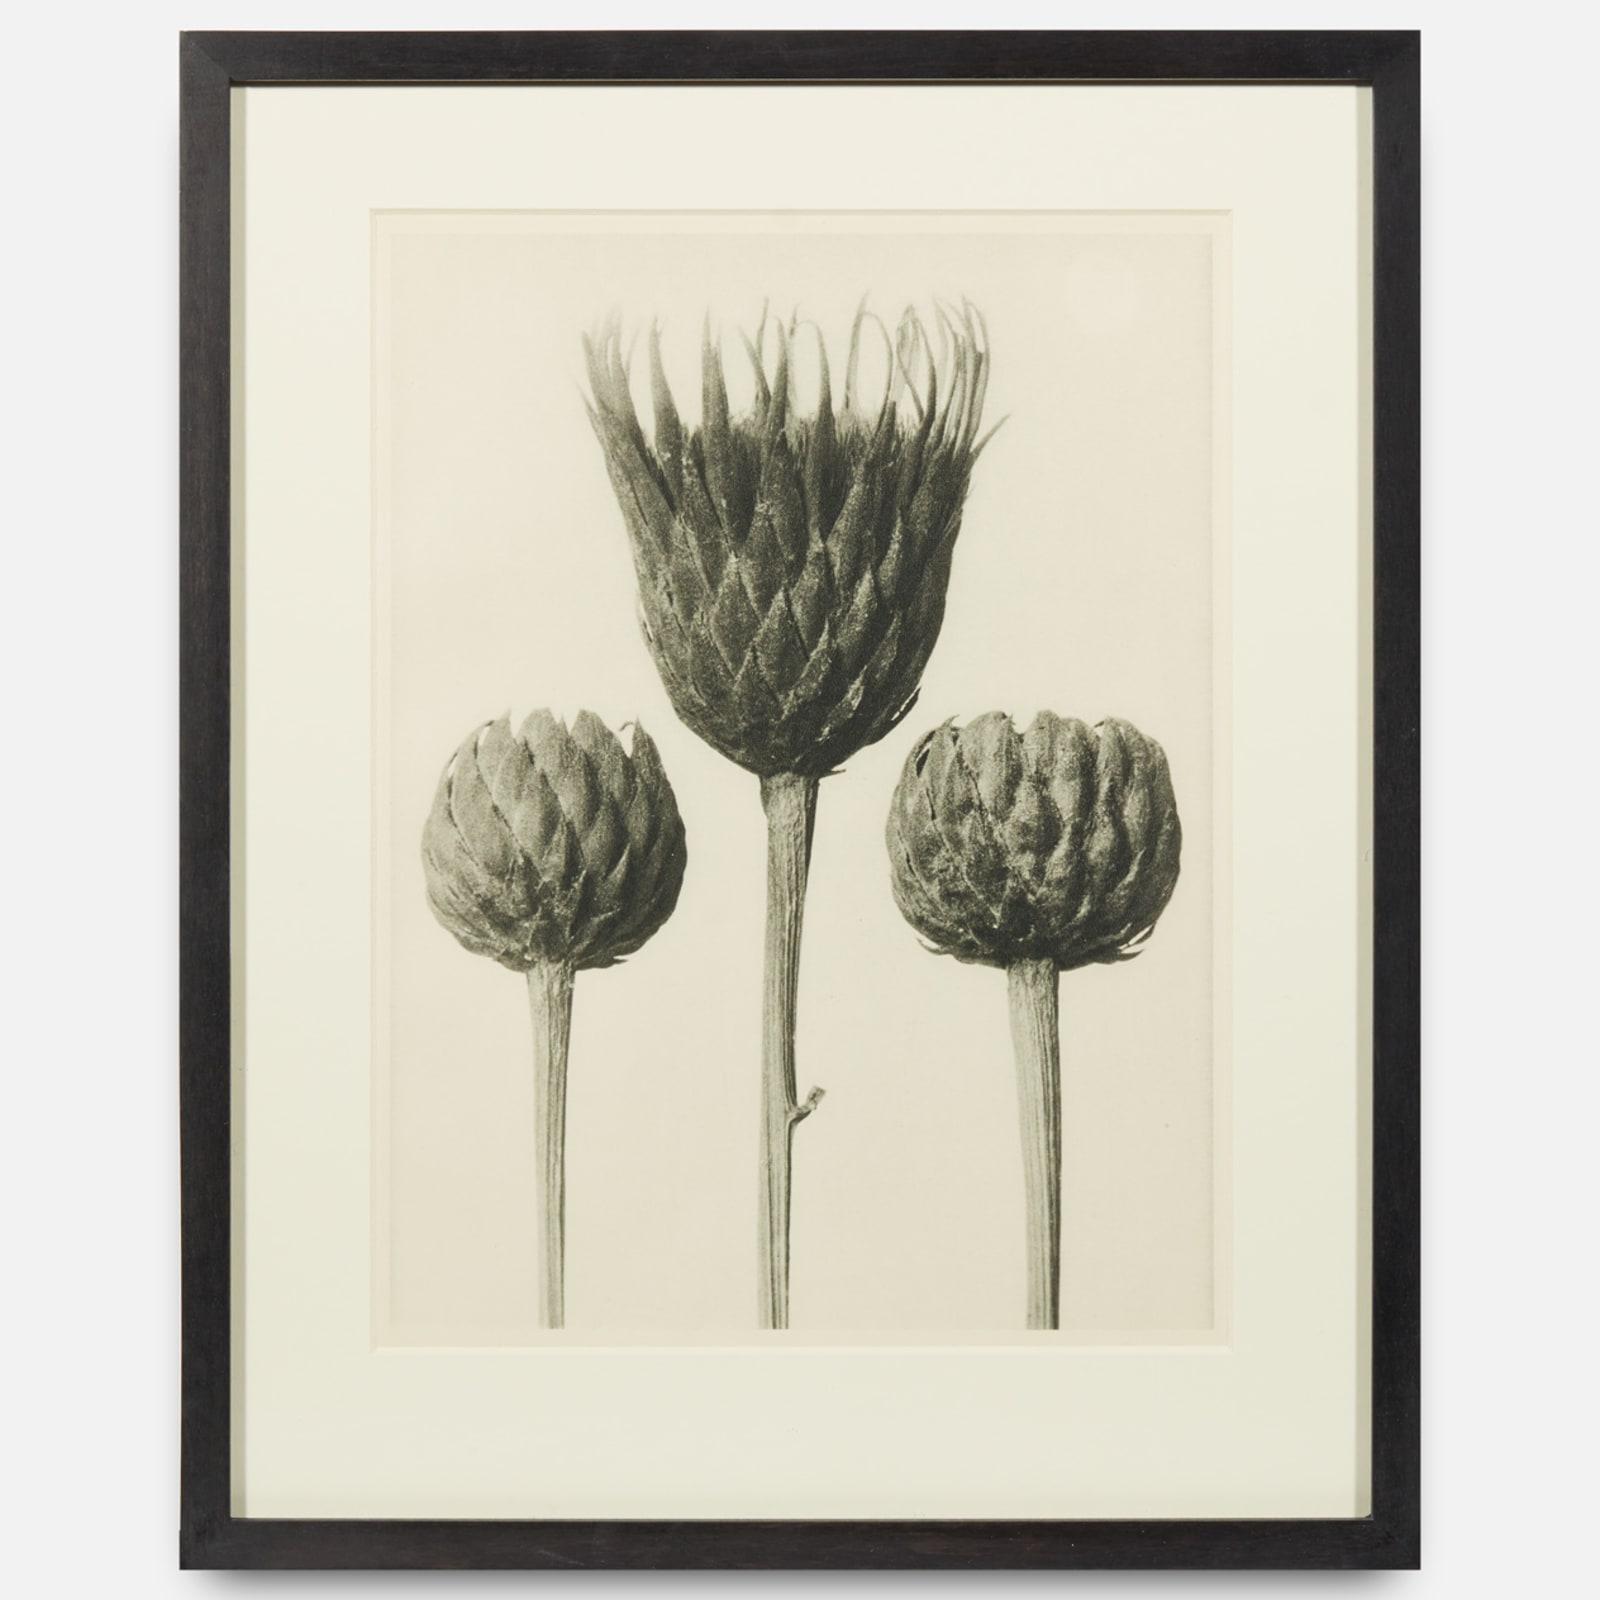 Karl Blossfeldt  Urformen der Kunst (Art Forms in Nature), 1928-1932  print  27 x 20.5 cm (image)  36.5 x 19.5 cm (framed)